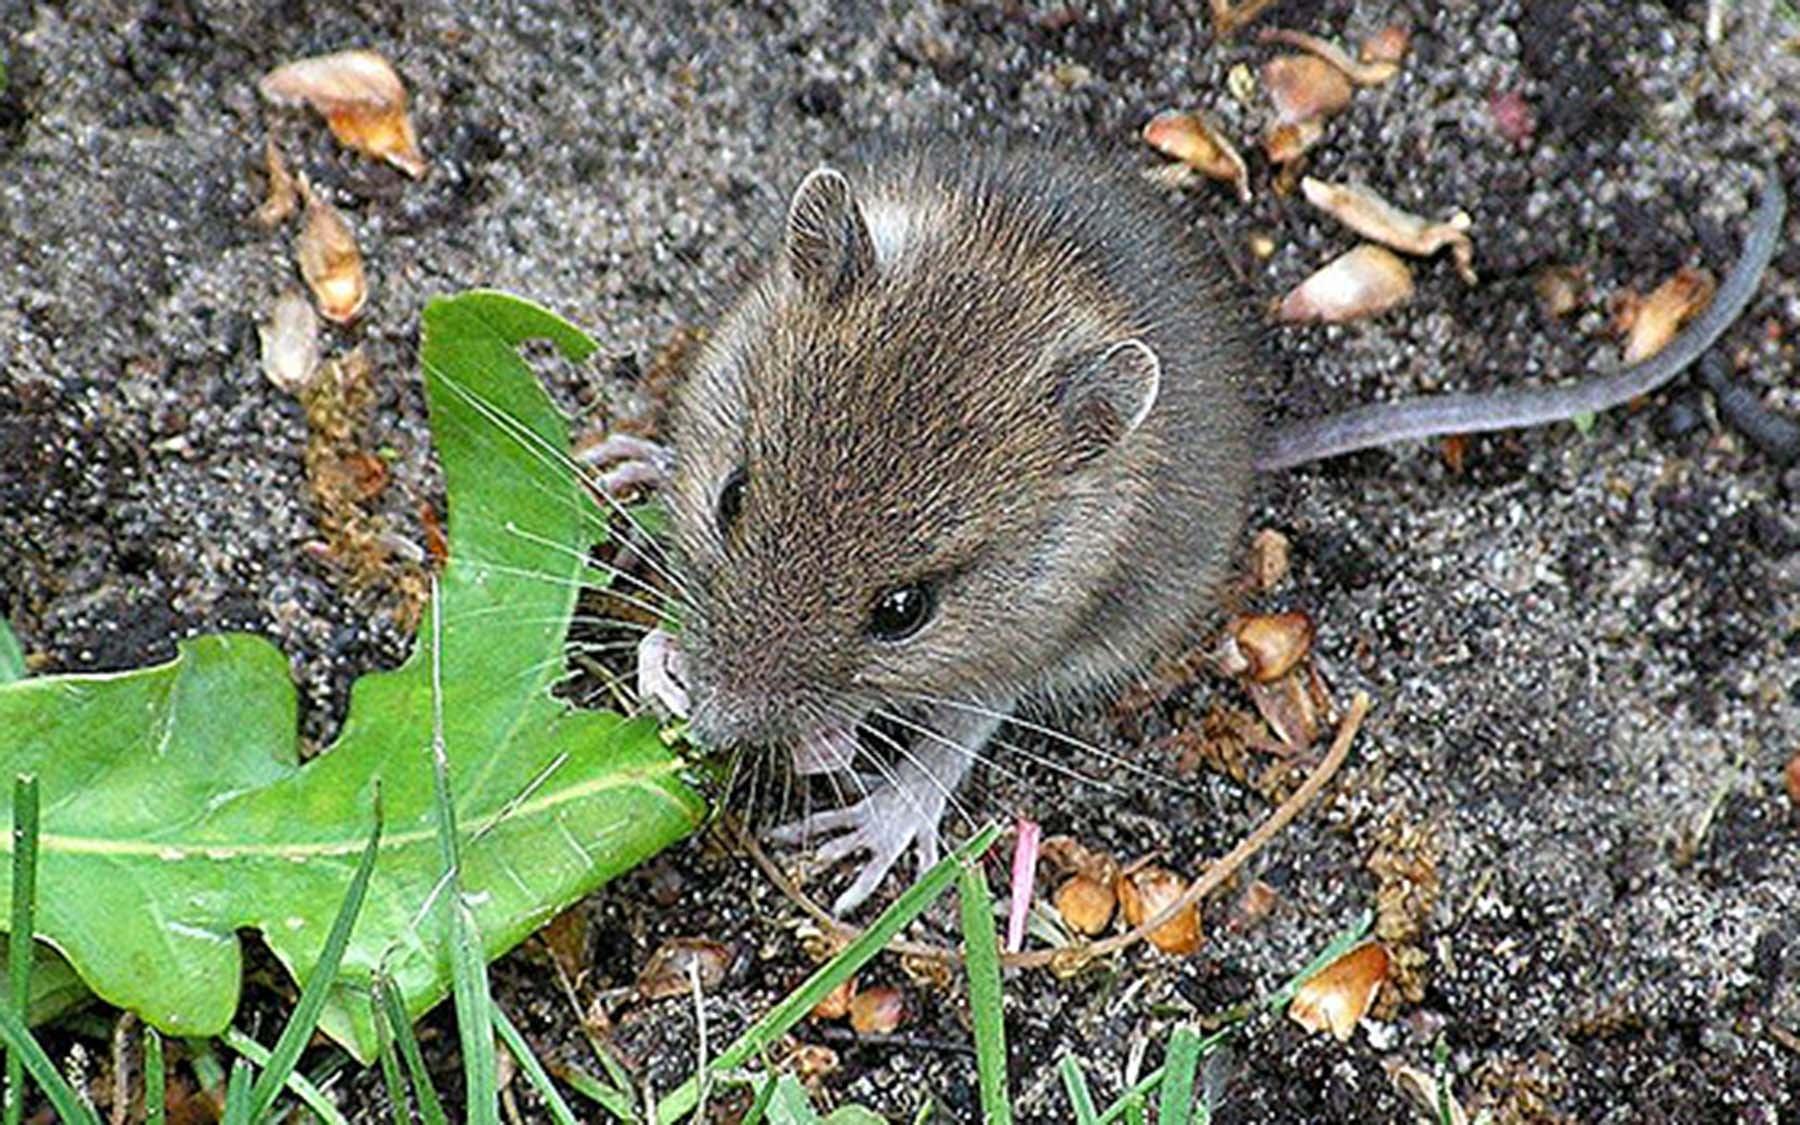 Mouse eating leaf